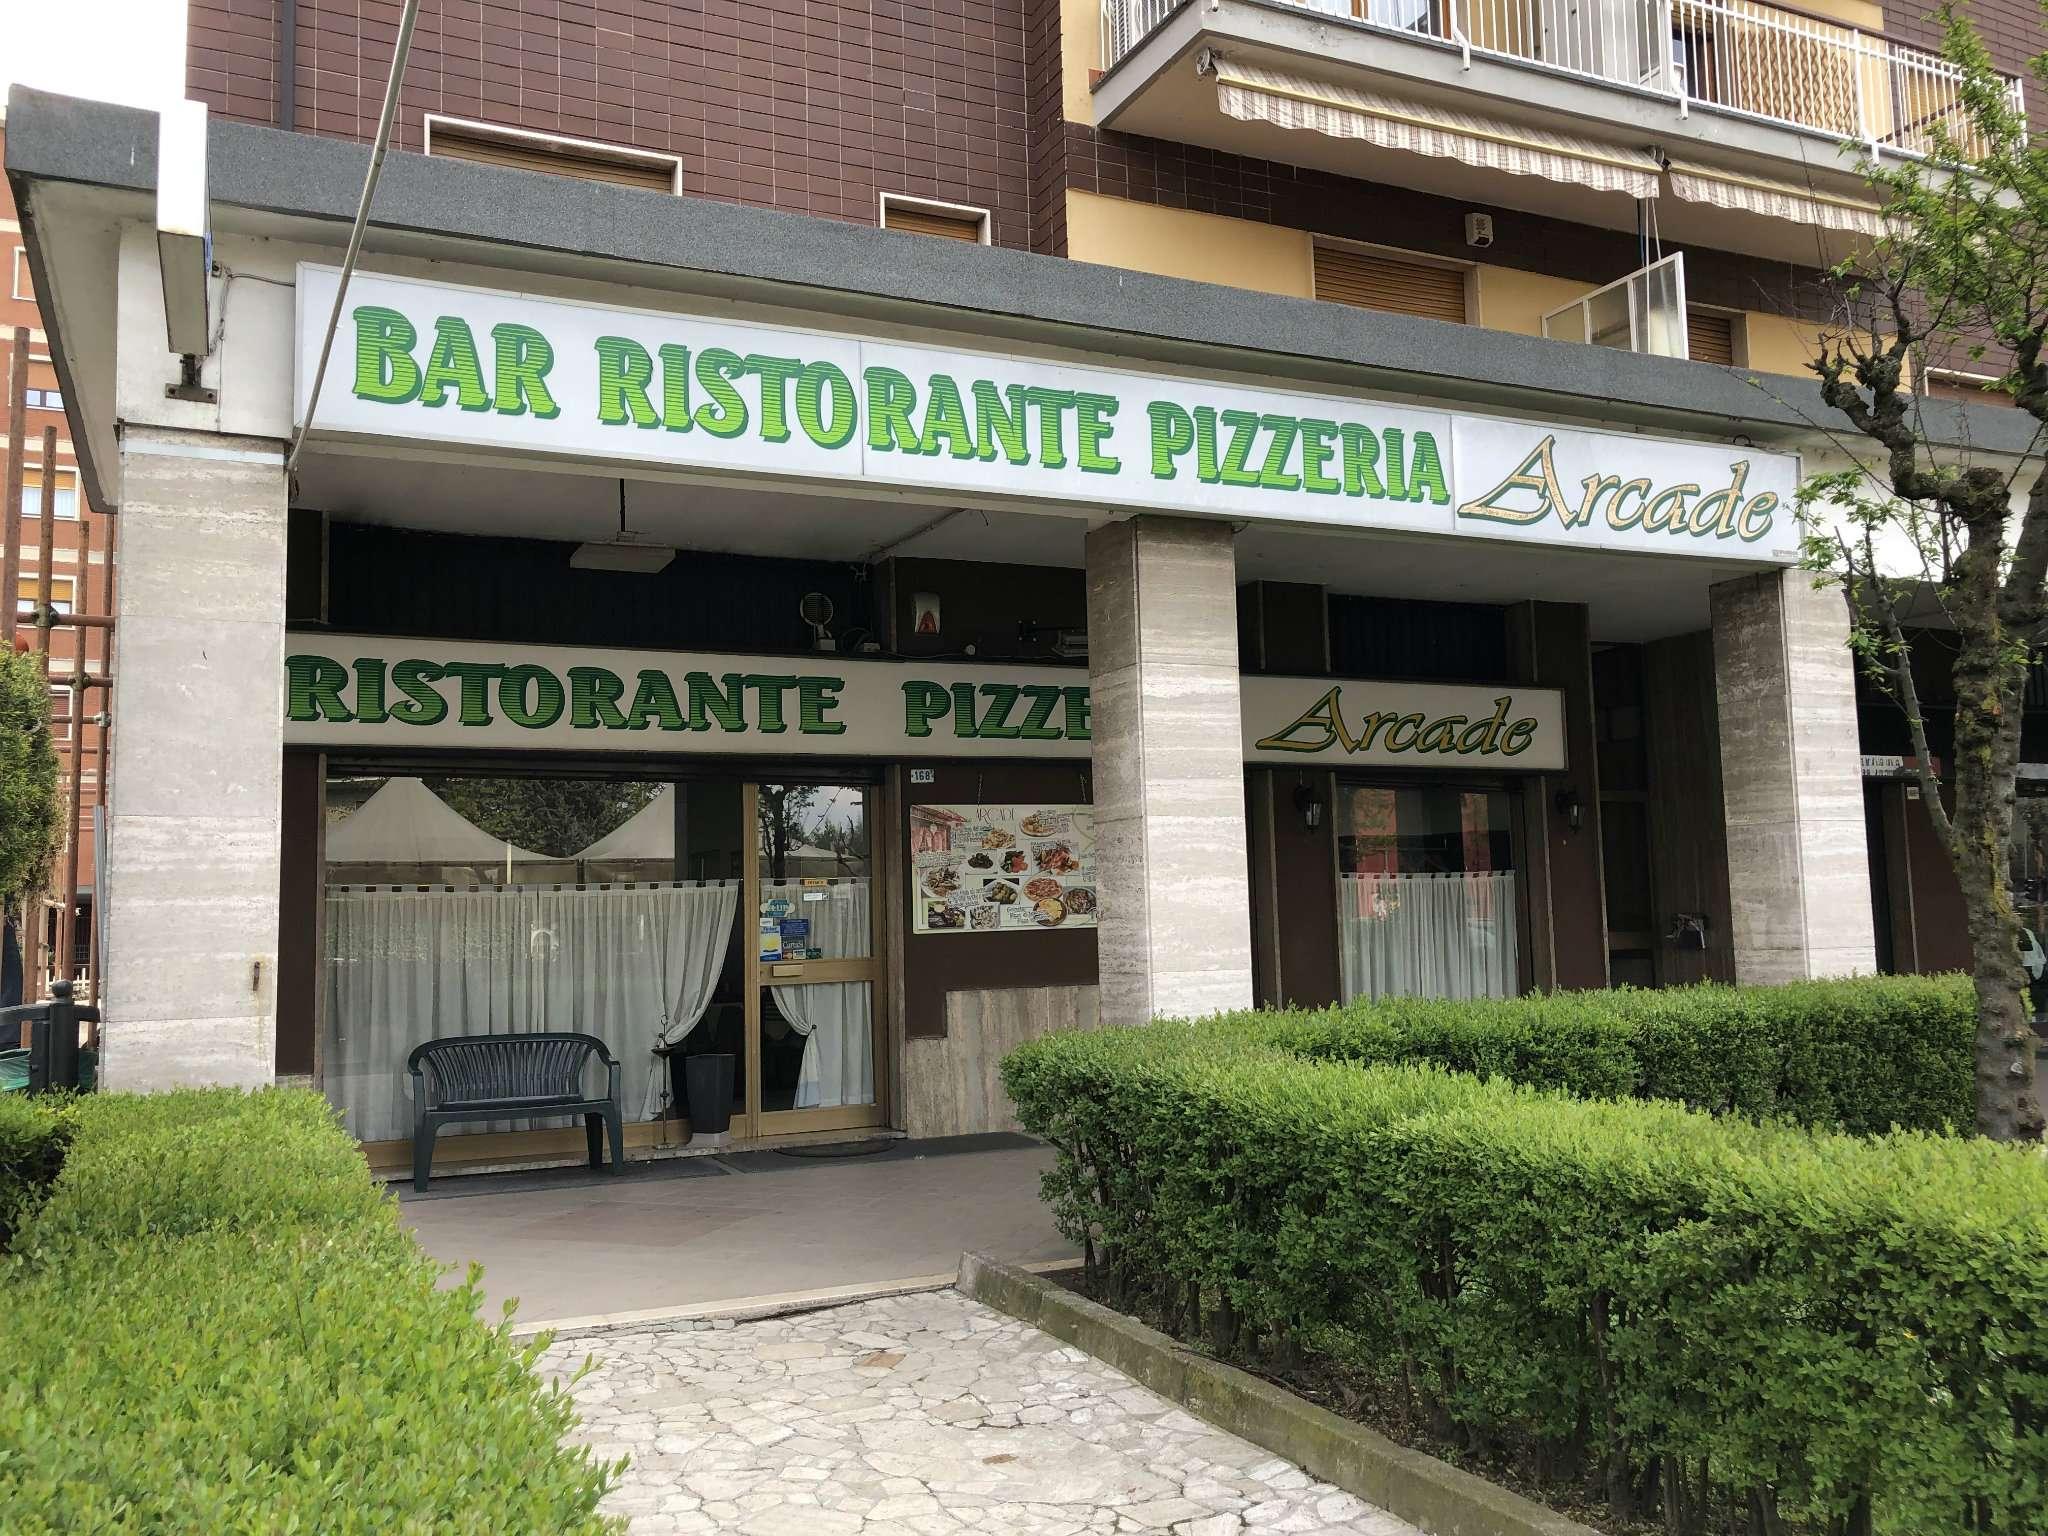 Ristorante / Pizzeria / Trattoria in vendita a Borgaro Torinese, 4 locali, prezzo € 149.000 | PortaleAgenzieImmobiliari.it